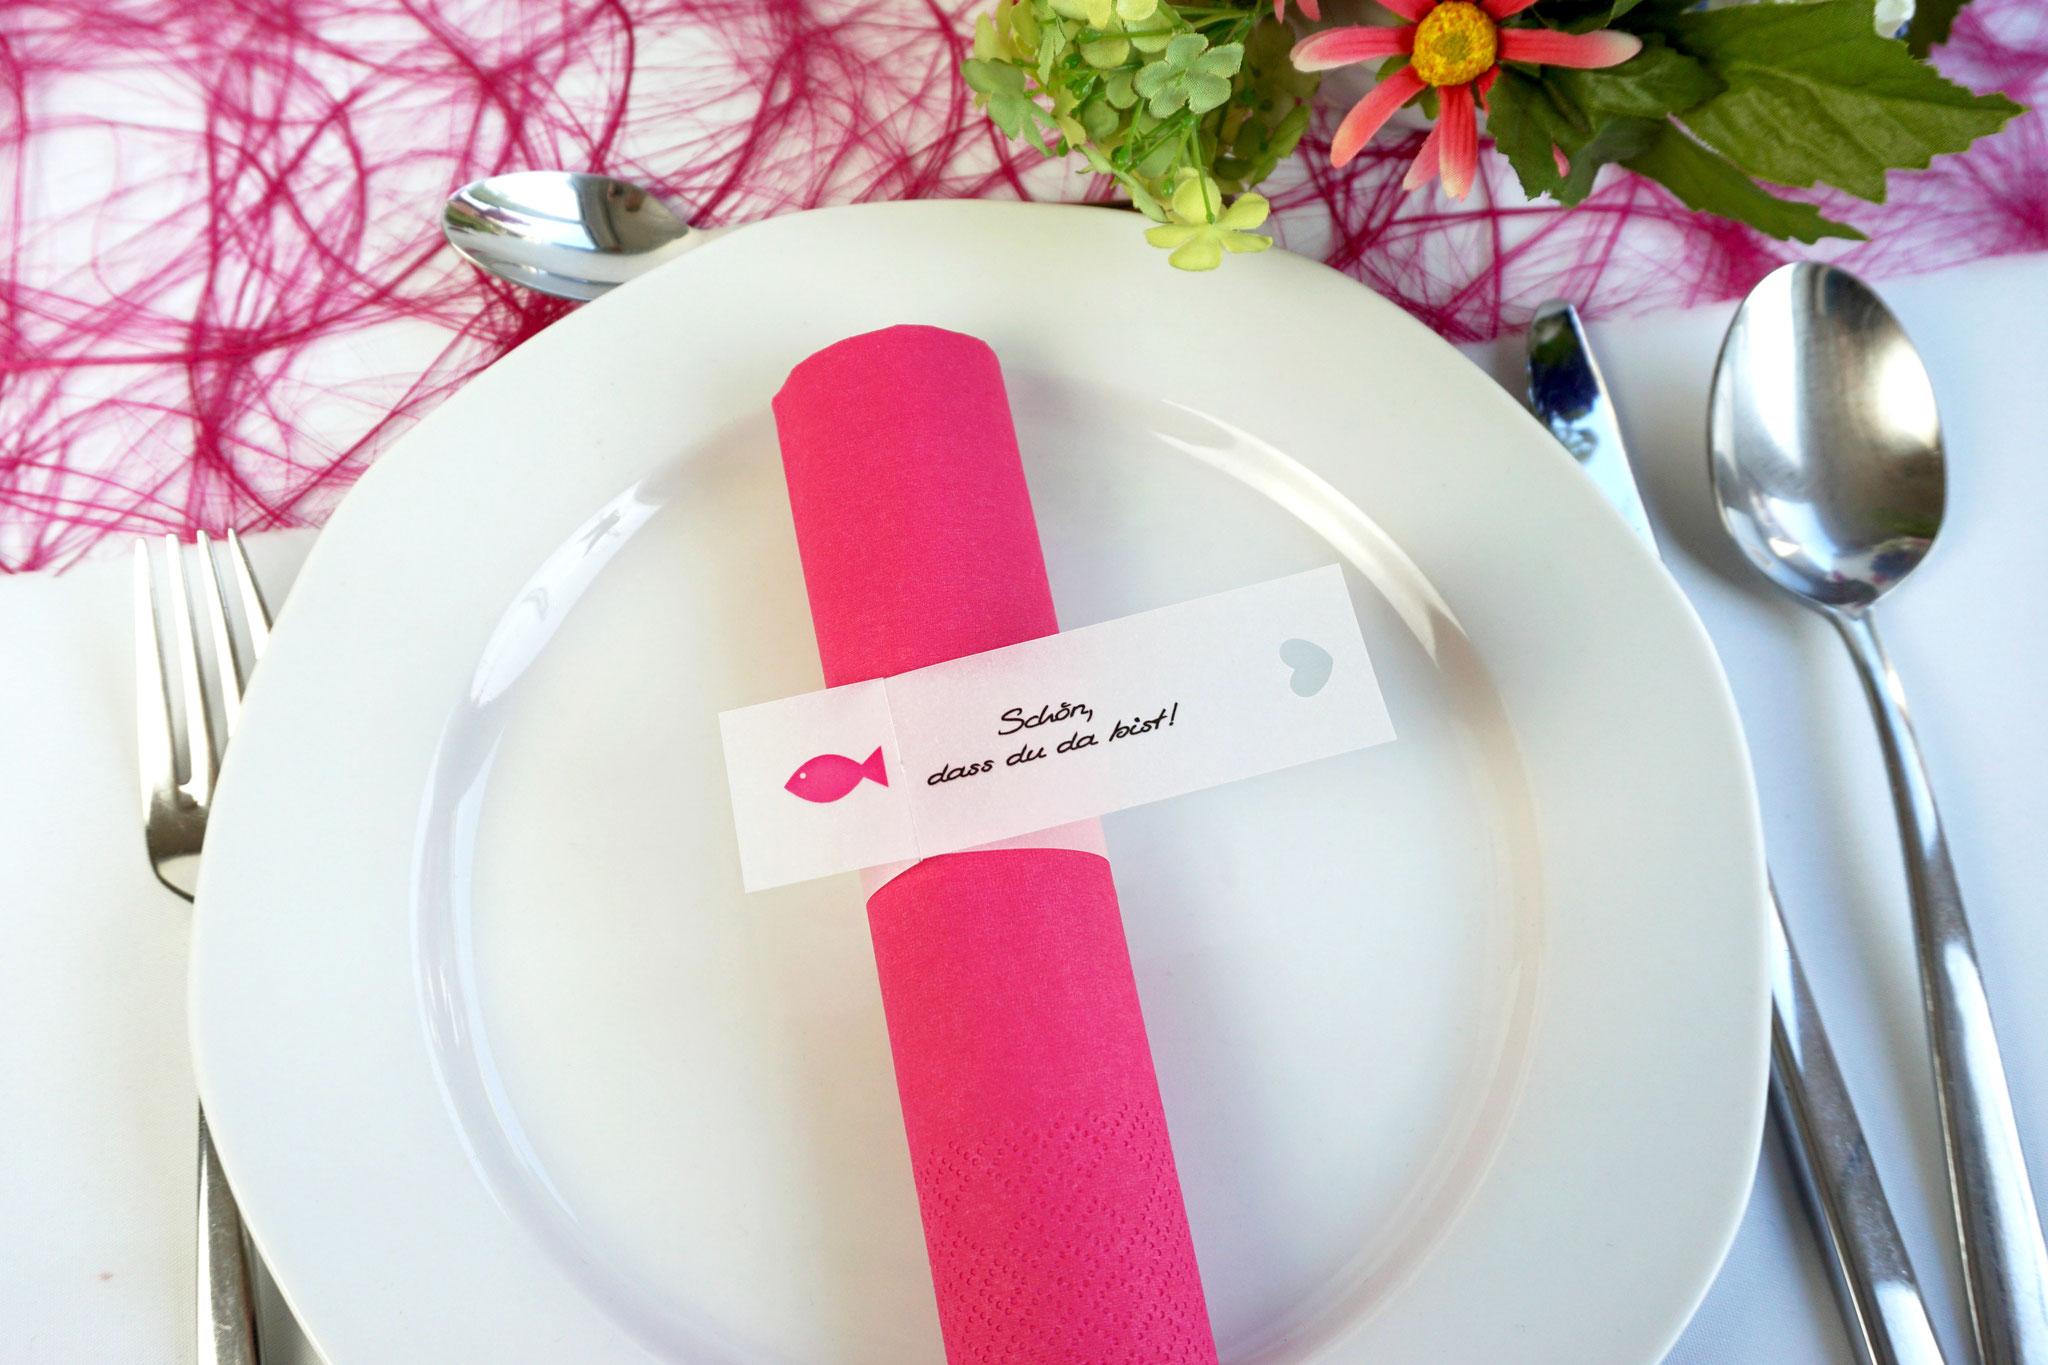 Serviettenring Design Fisch, Farbe Pink, Randabschluss Herz